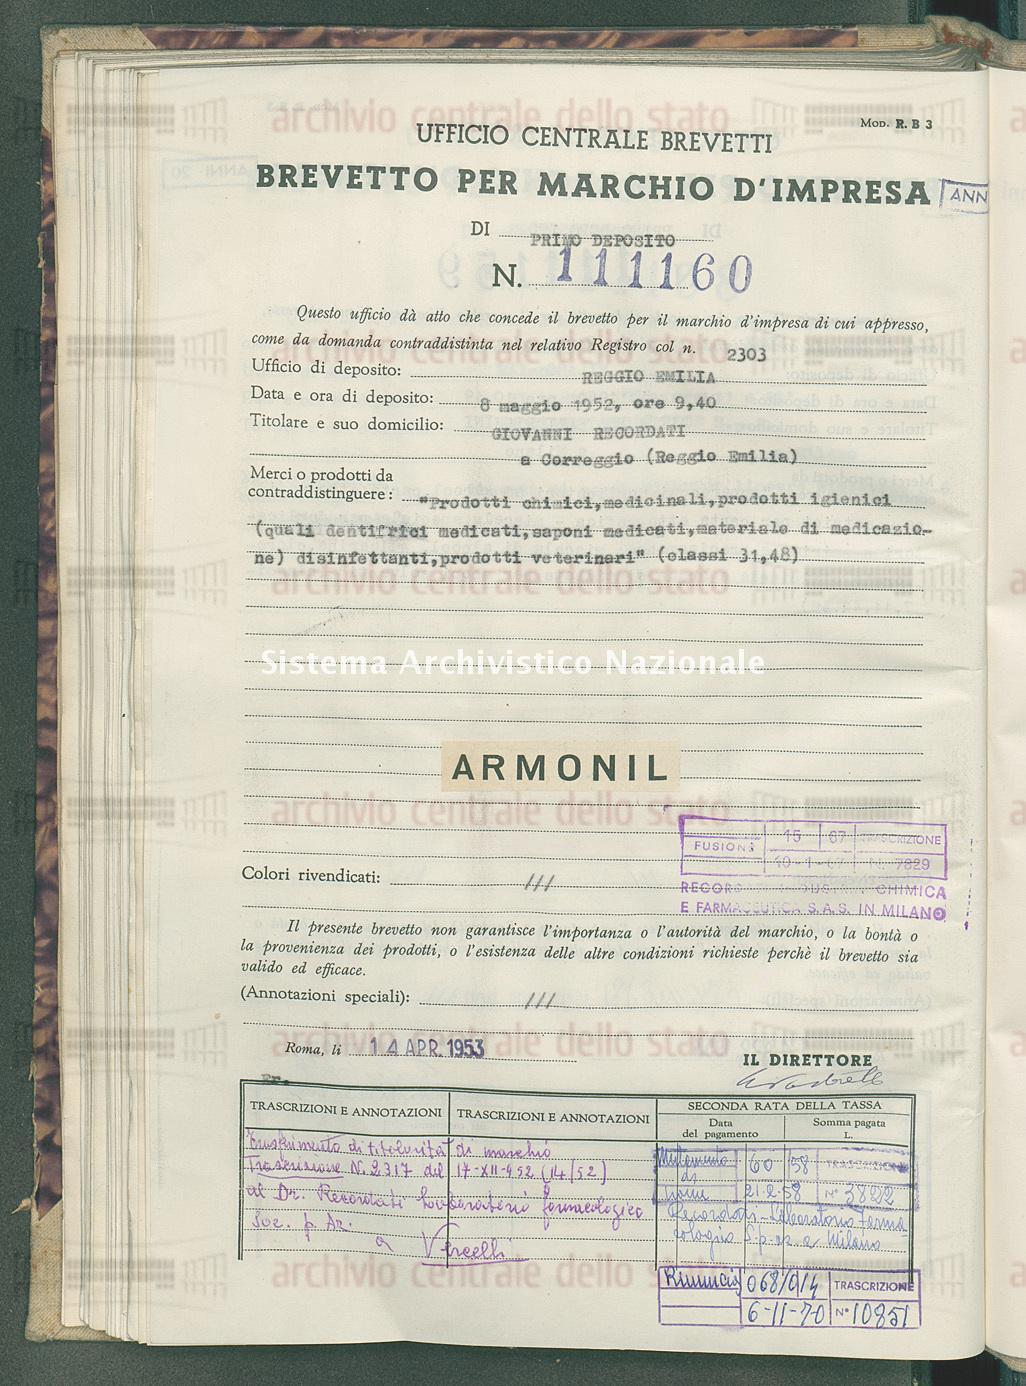 'Prodotti chimici, medicinali, prodotti igienici ecc. Giovanni Recordati (14/04/1953)